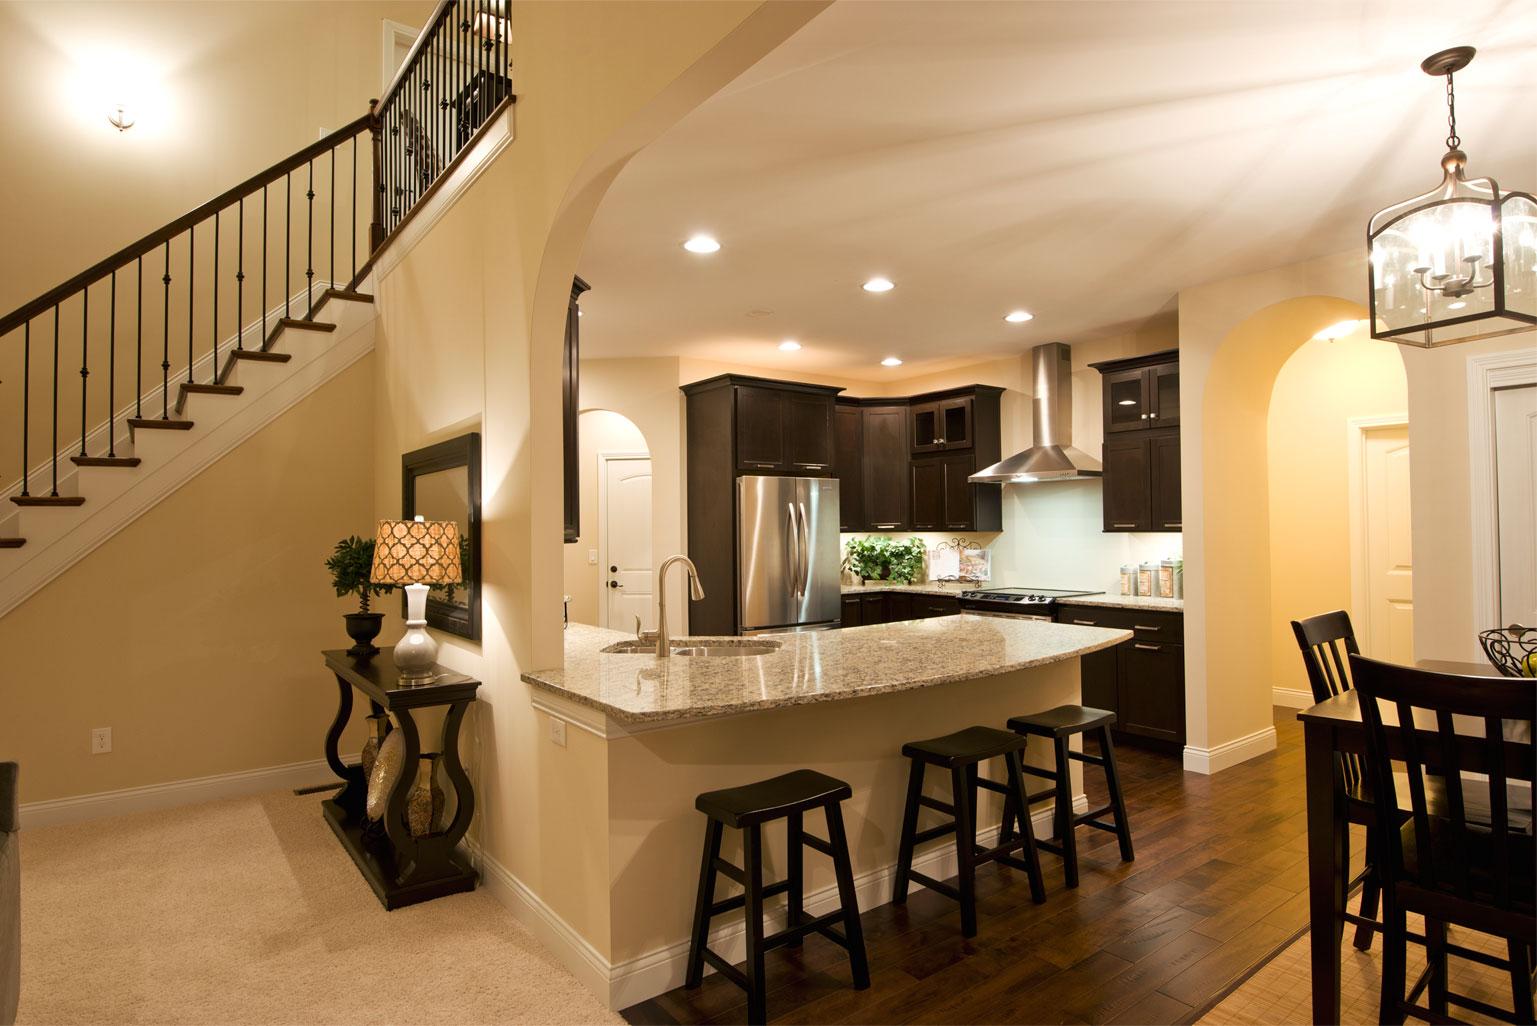 kitchen-model-home-builders-in-cincinnati-custom-home-gallery-1537x1026.jpg